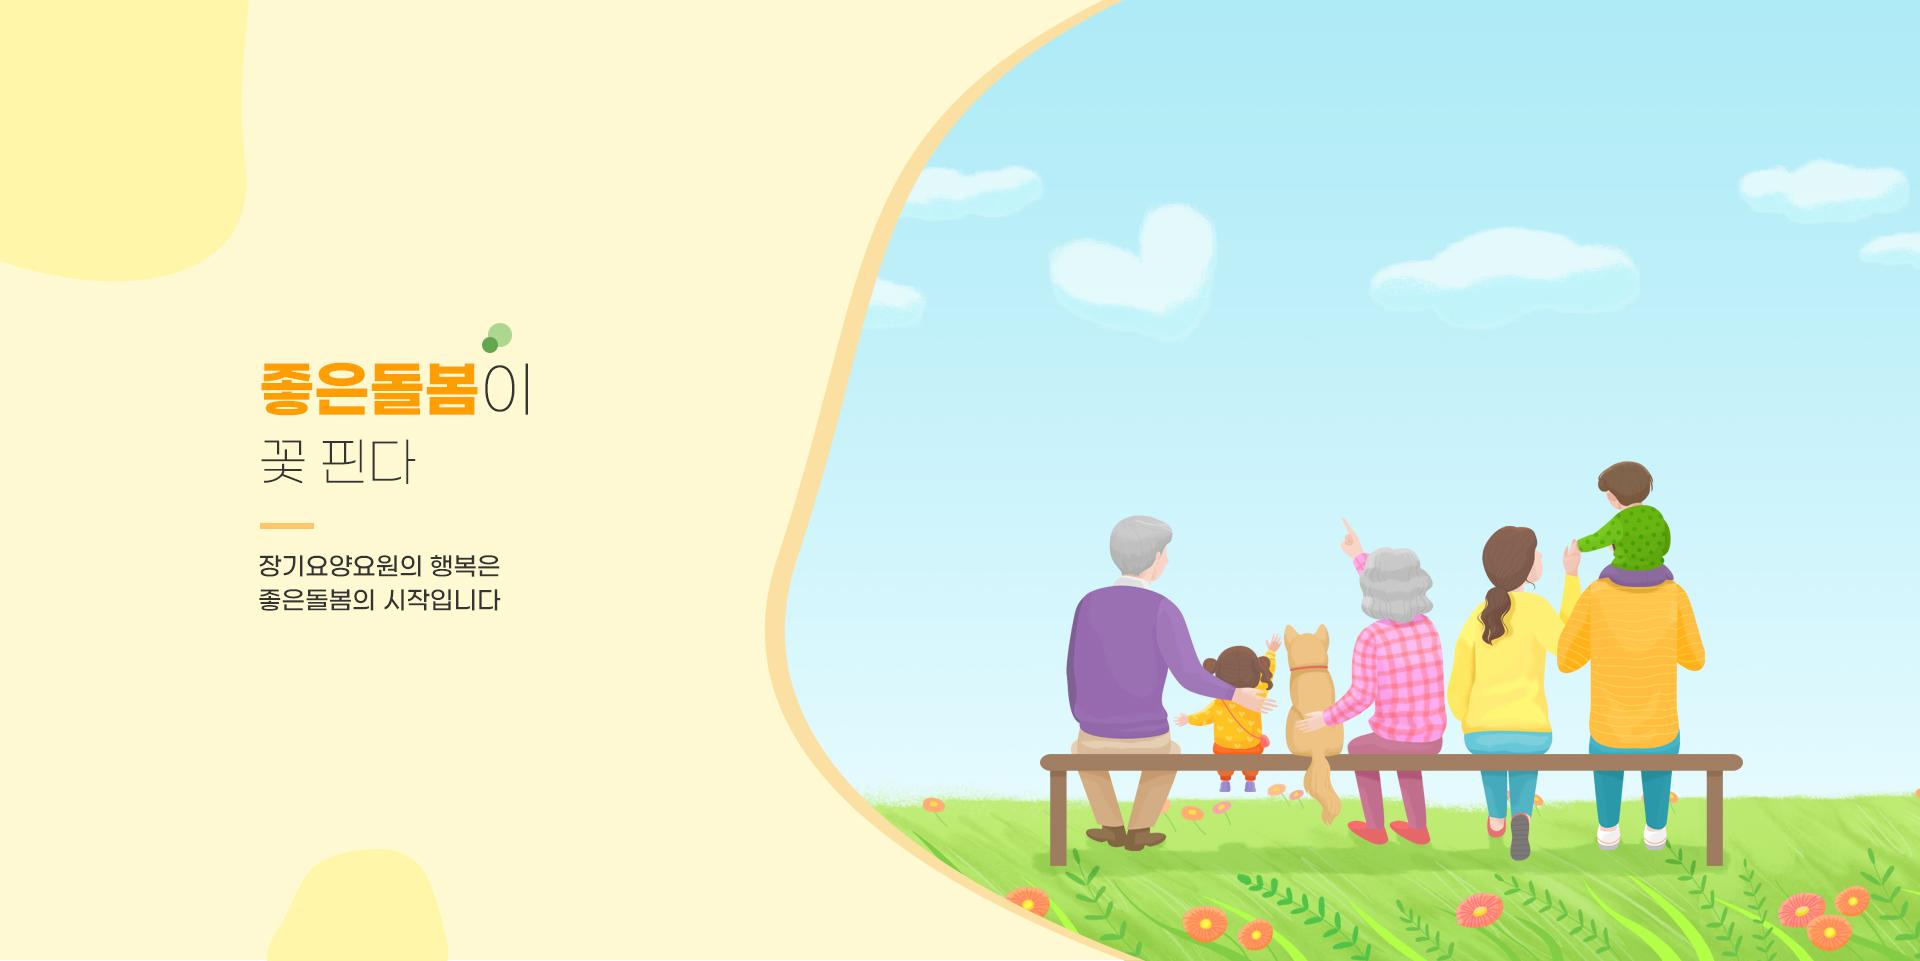 좋은돌봄이 꽃 핀다 장기요양원의 행복은 좋은돌봄의 시작입니다.